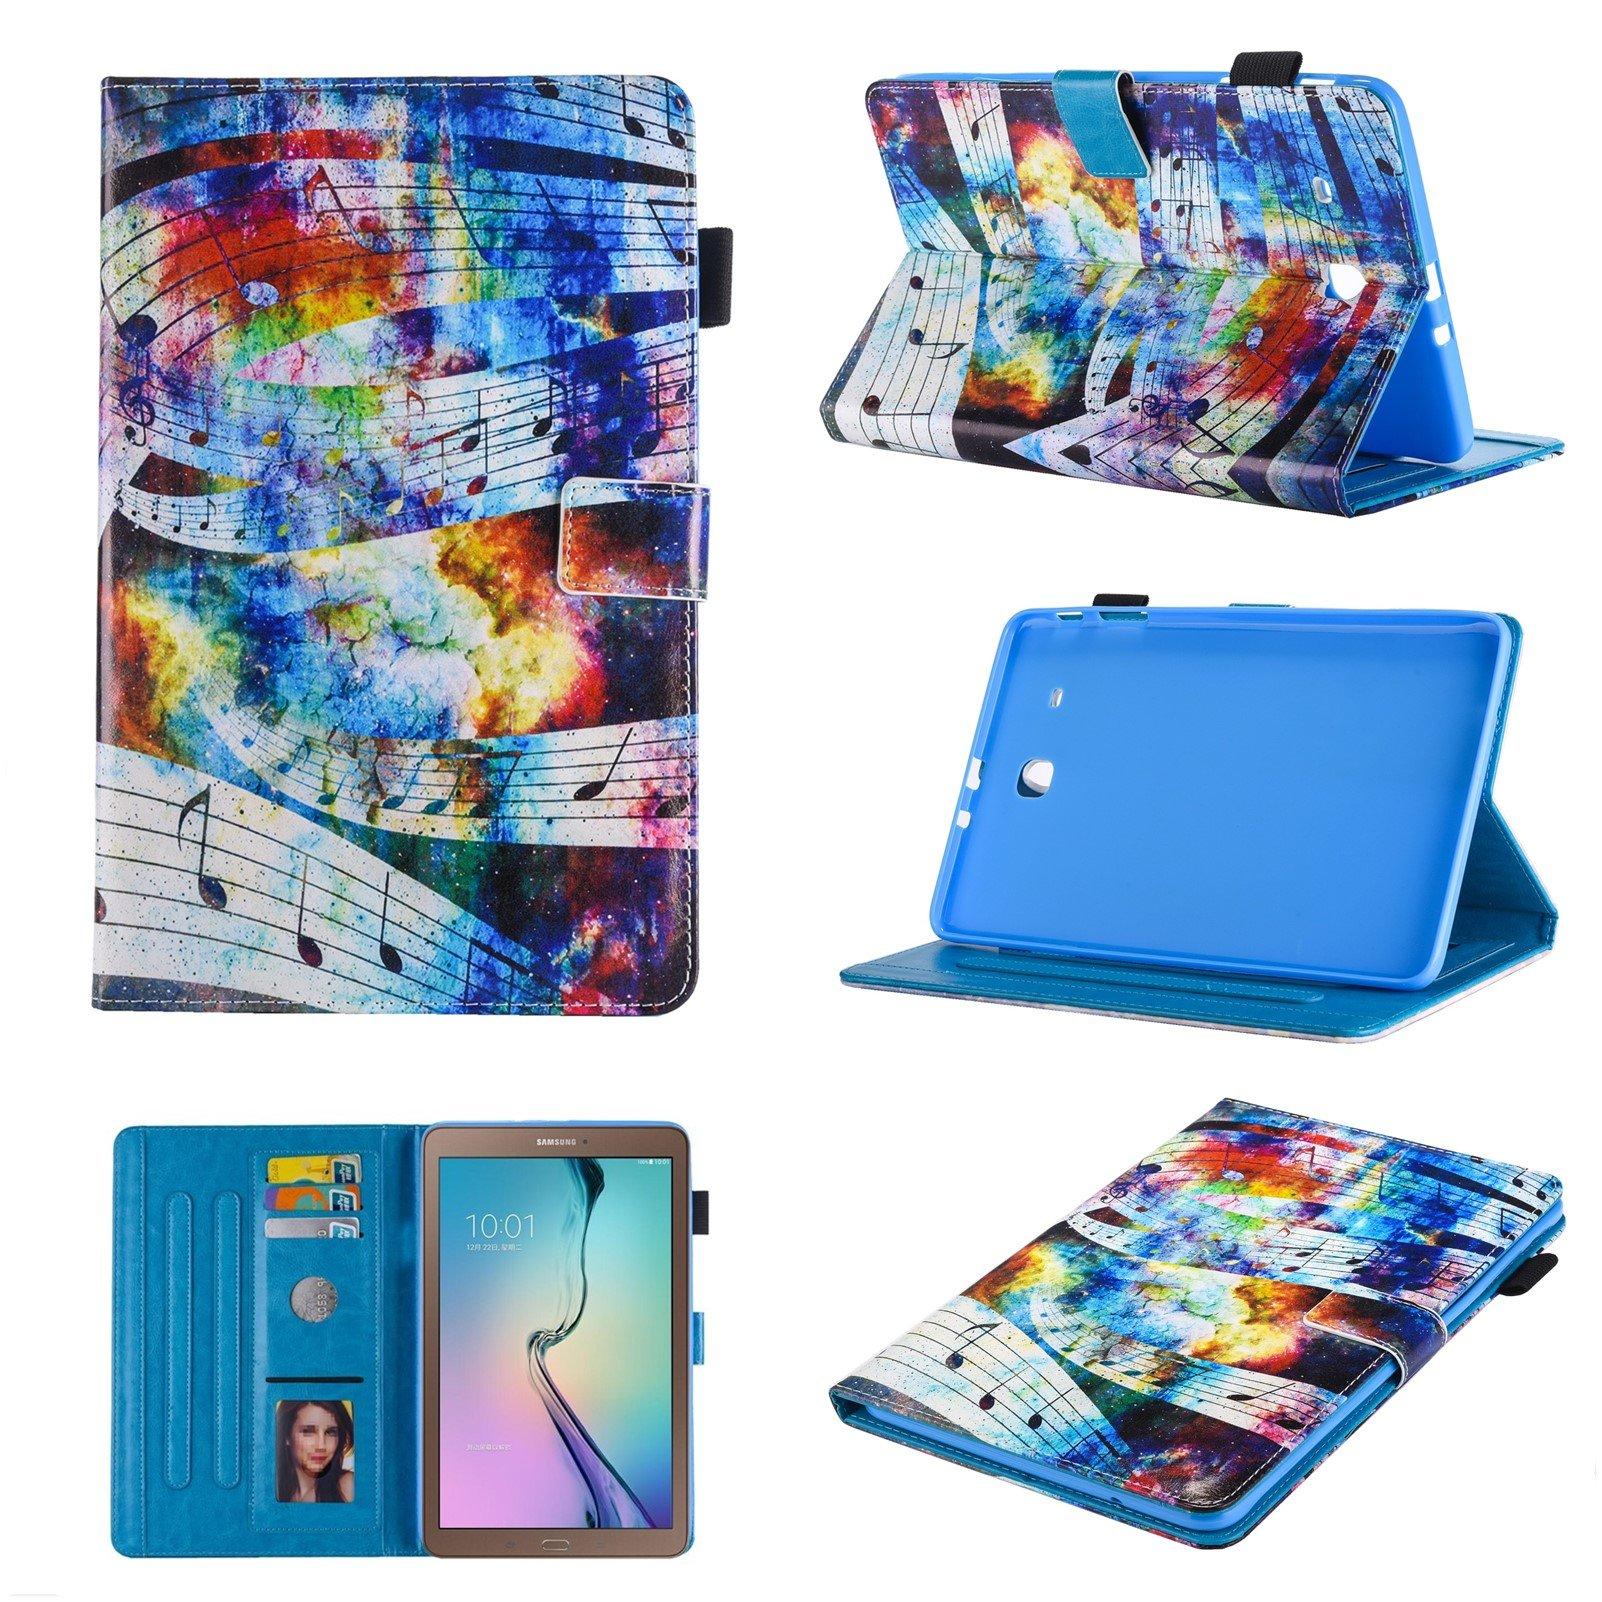 Funda Samsung Galaxy Tab E 8.0 ULIKING [7D53RRGR]